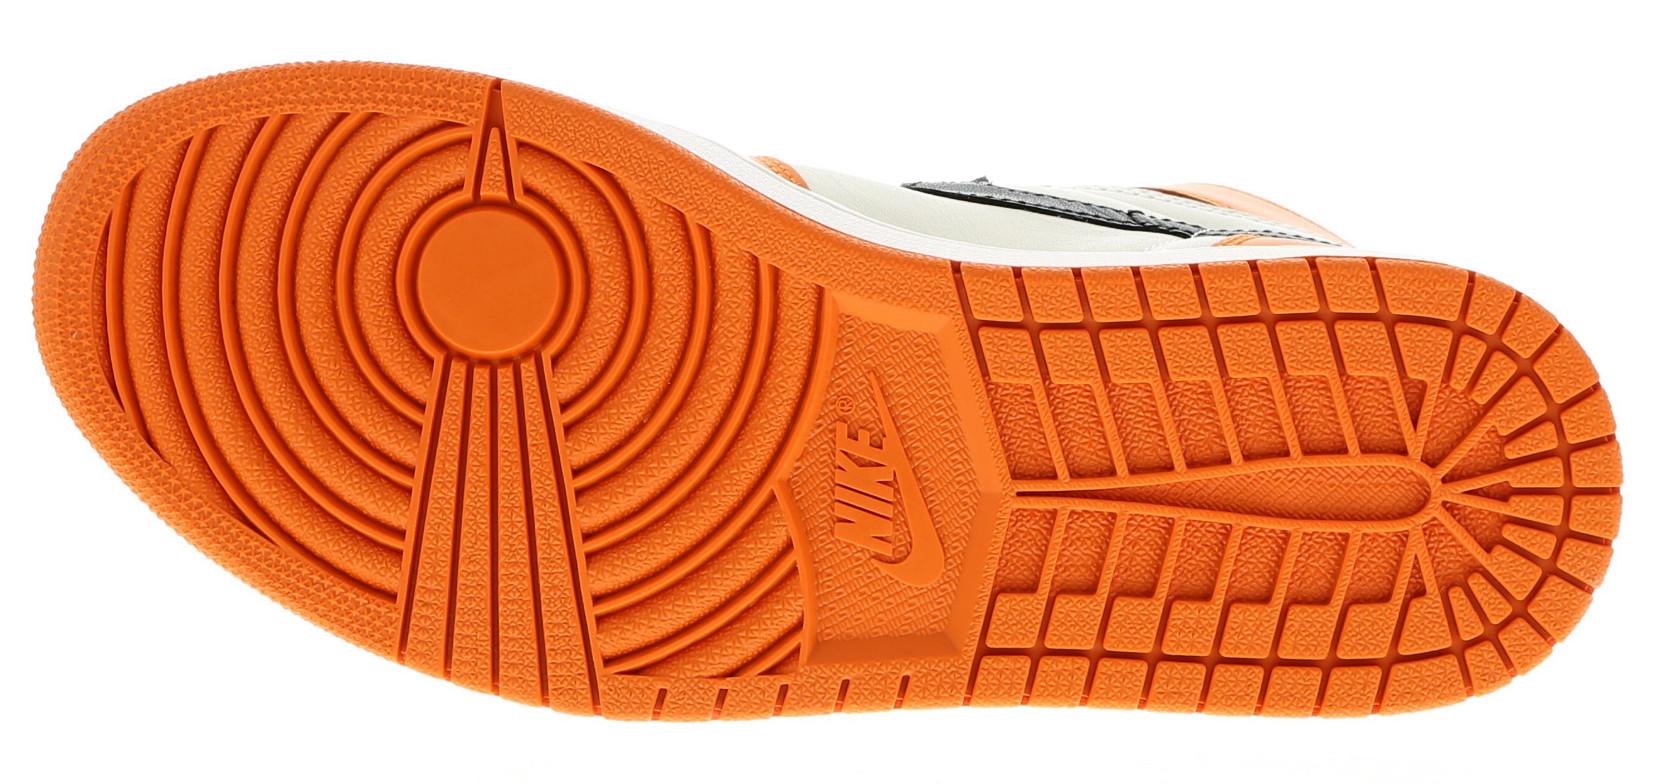 Air Jordan 1 Shattered Backboard 2 555088-113 Sole